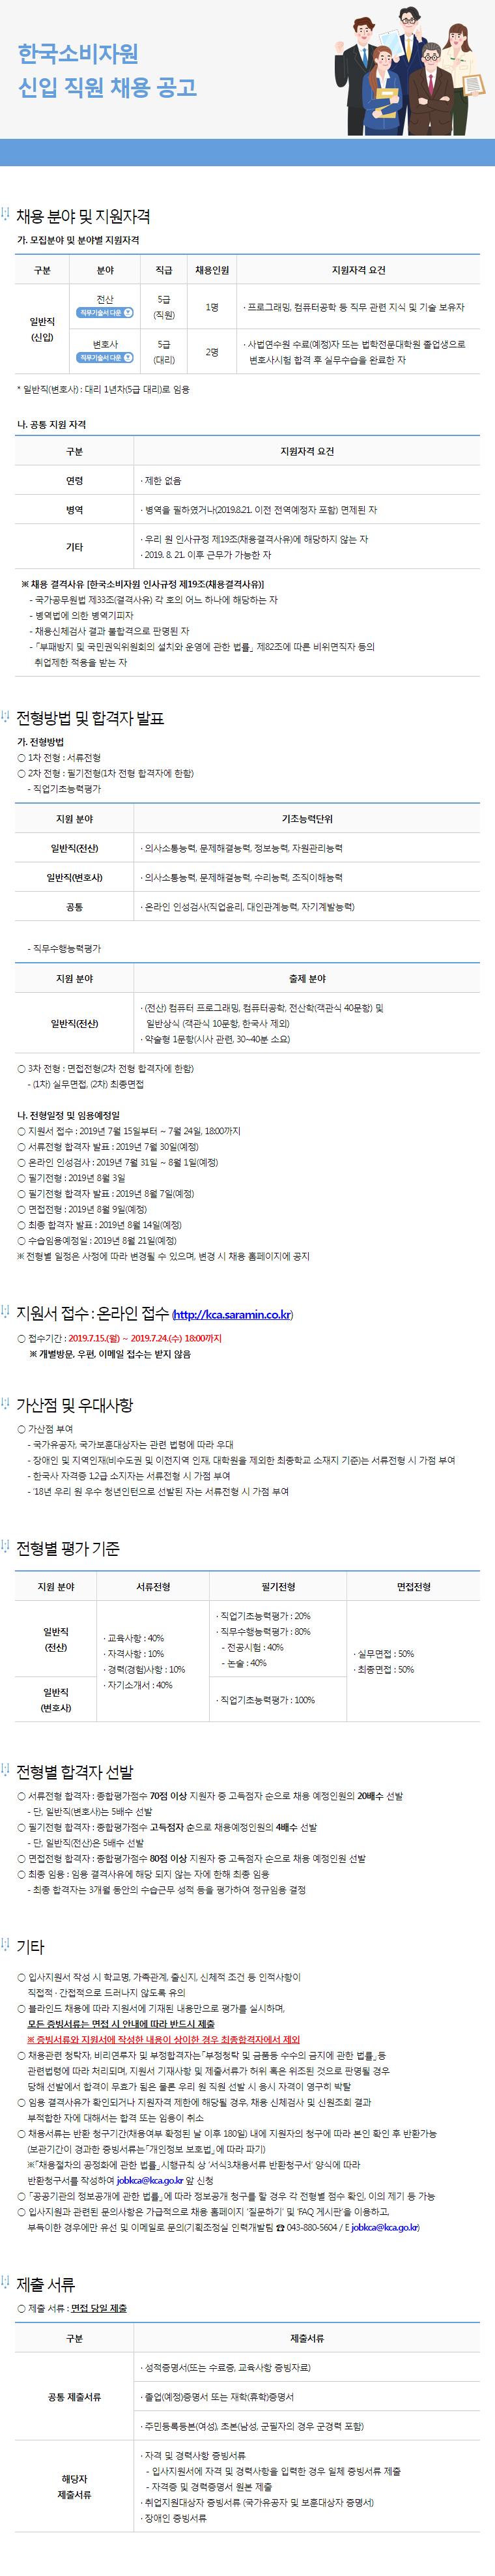 (붙임1)한국소비자원_채용공고문.png